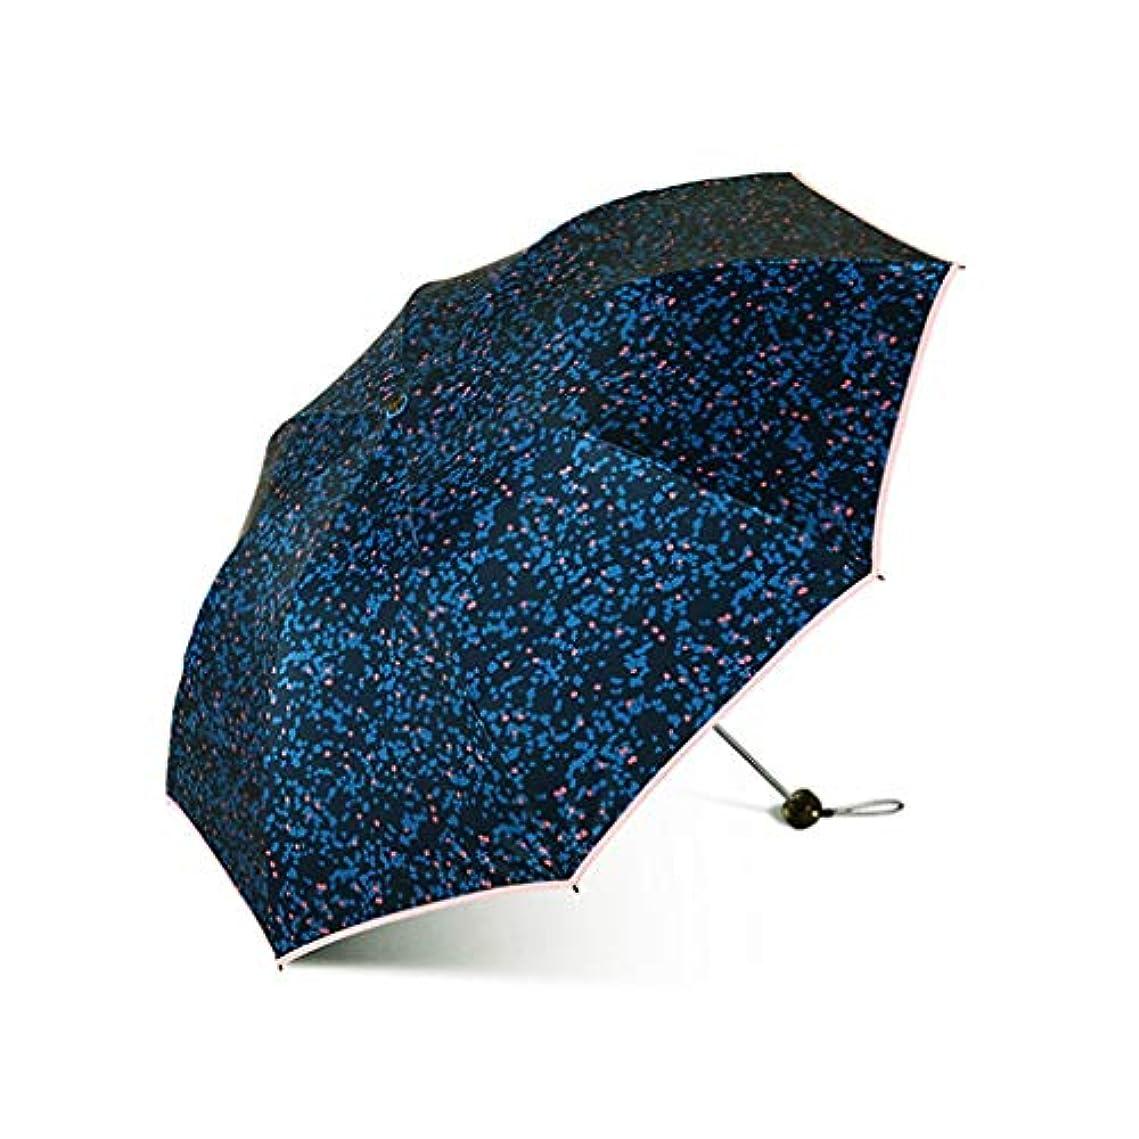 ギャラリー乳白色メリーPy 傘太陽傘抗UV傘デュアルユース折りたたみ傘小さな新鮮な